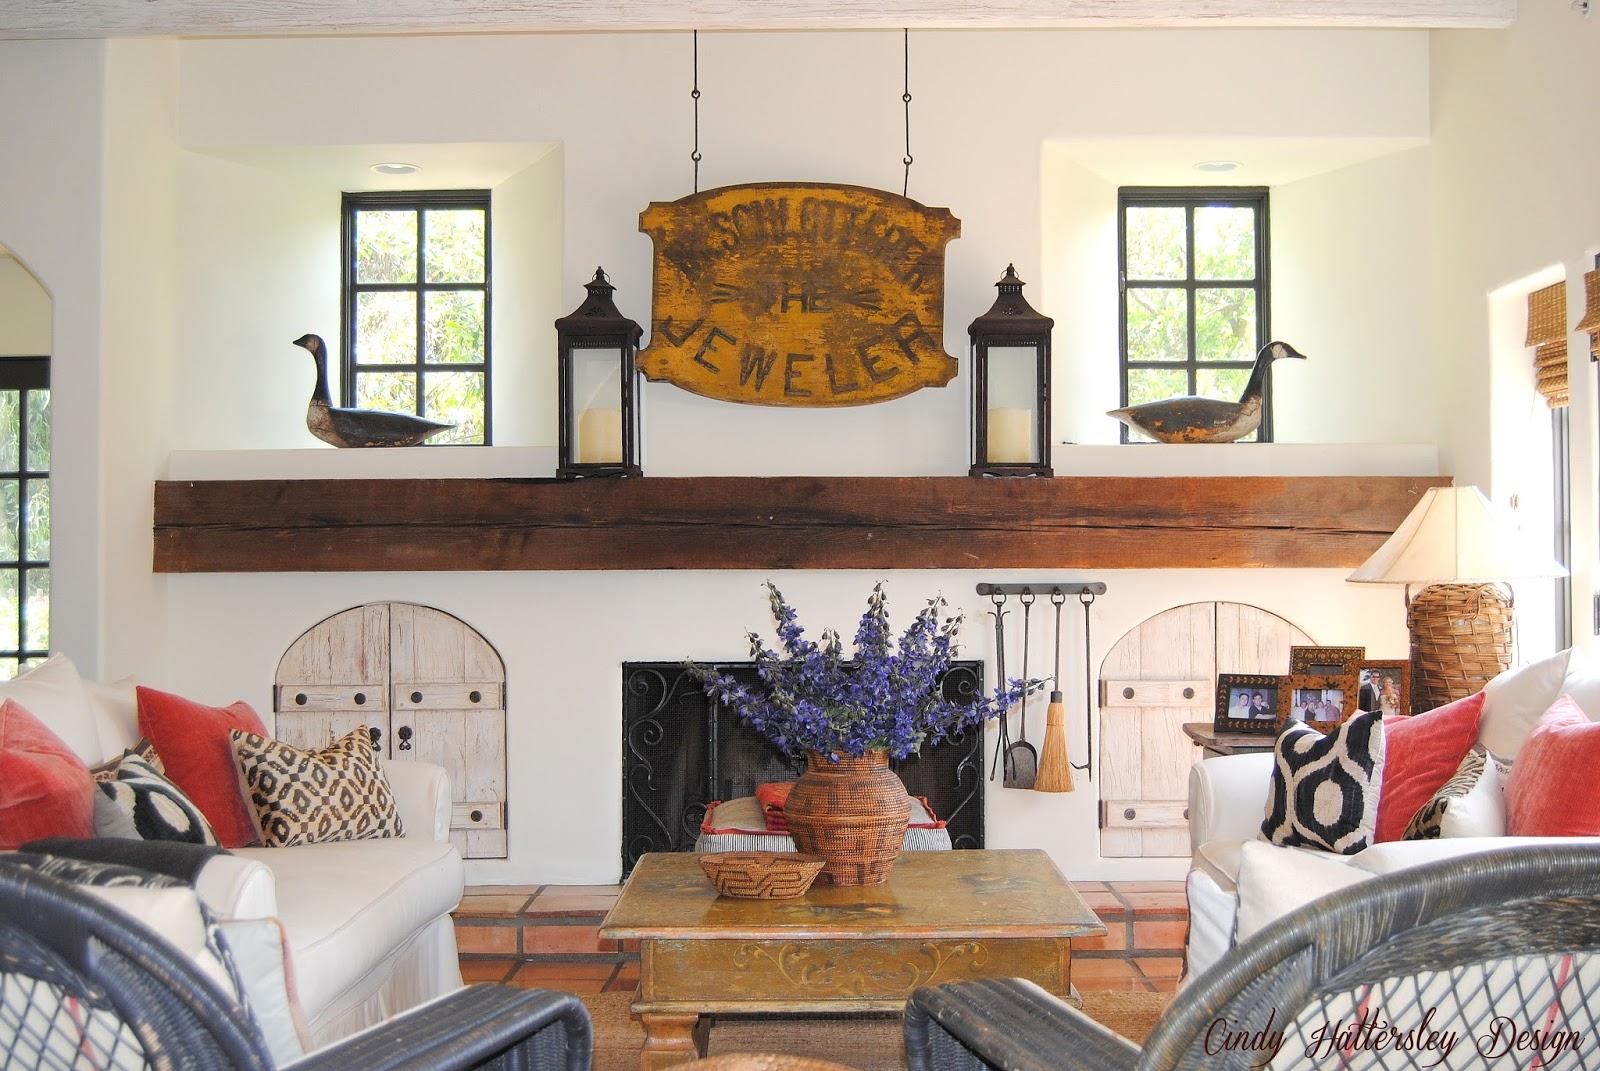 Over 55 decor ten tips for achieving timeless interiors for Decor 67 instagram